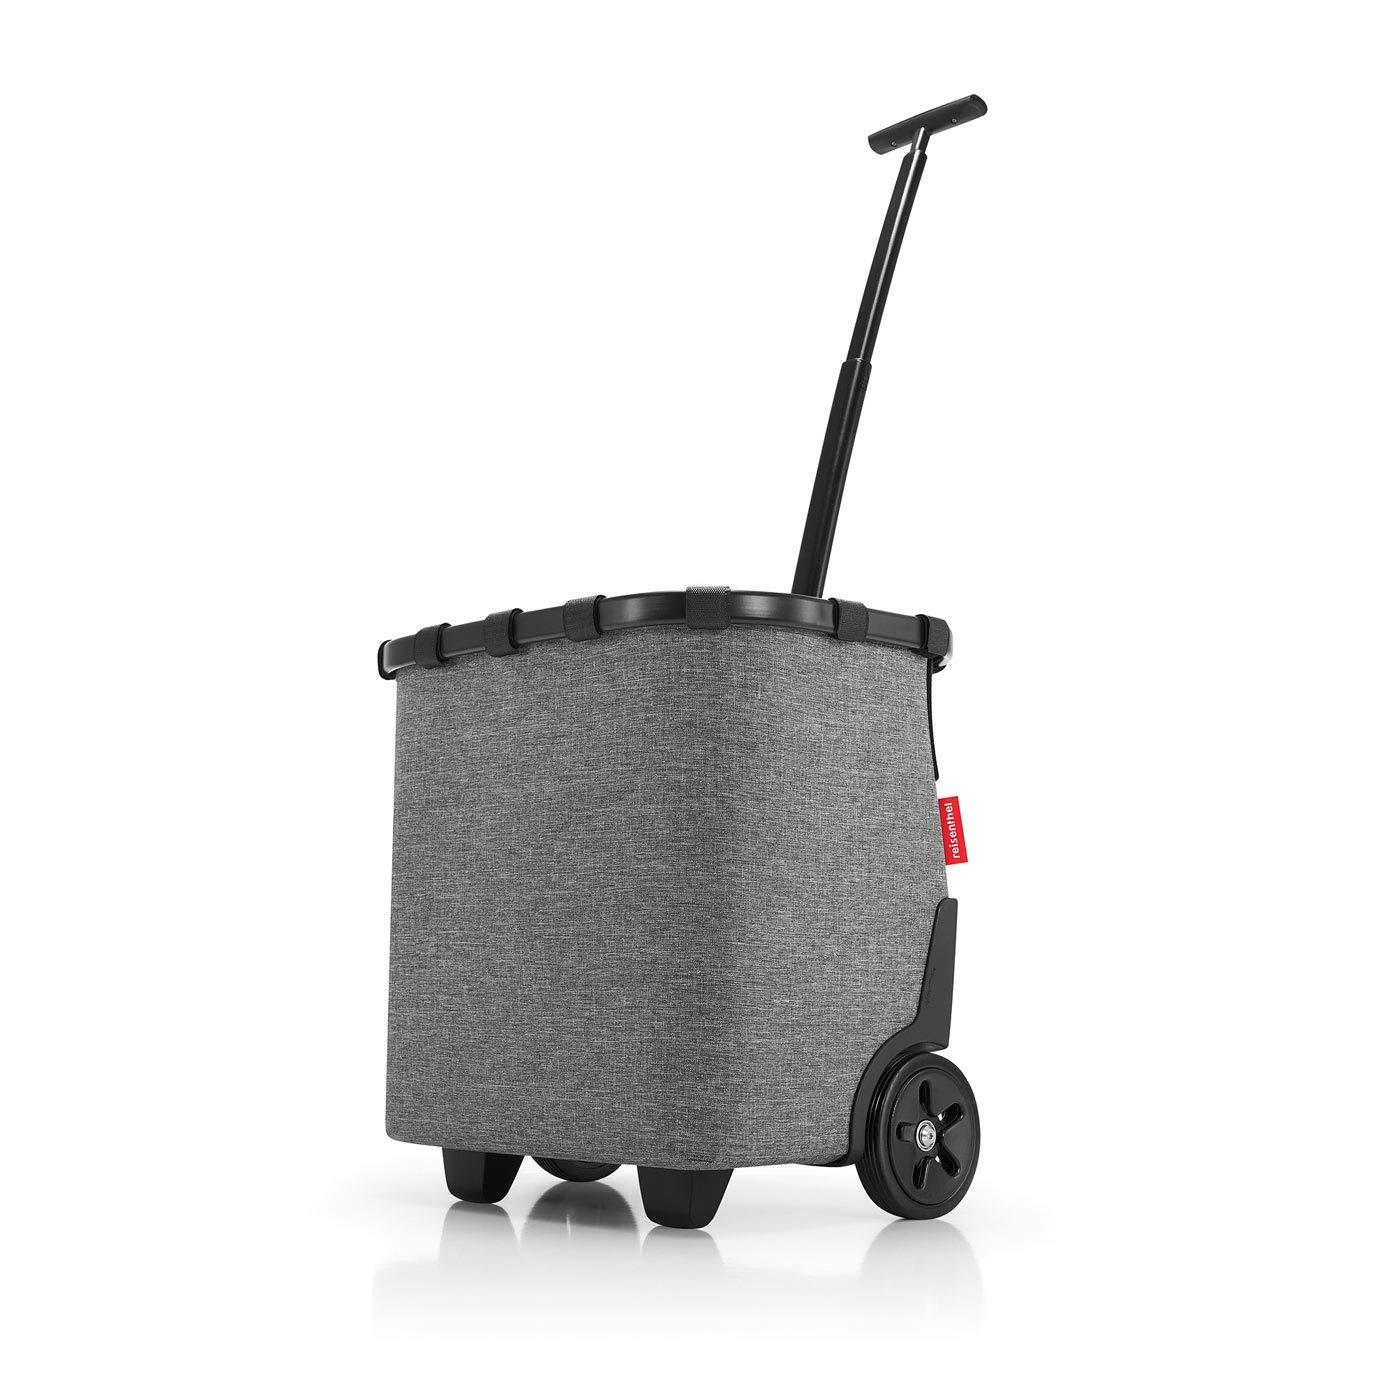 Reisenthel Handtaschen Taschen CARRYCRUISER_7052 twist silver Grau 4zVTr